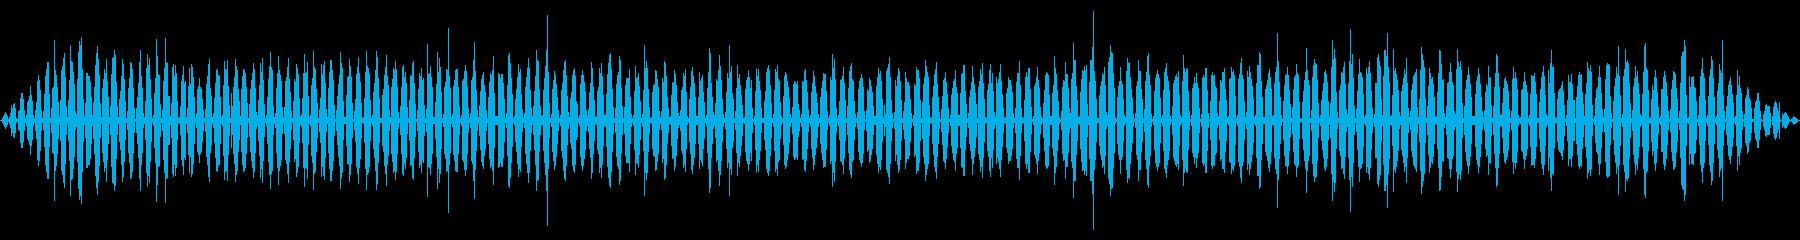 ハンド:高速ラフサンディング、建設...の再生済みの波形